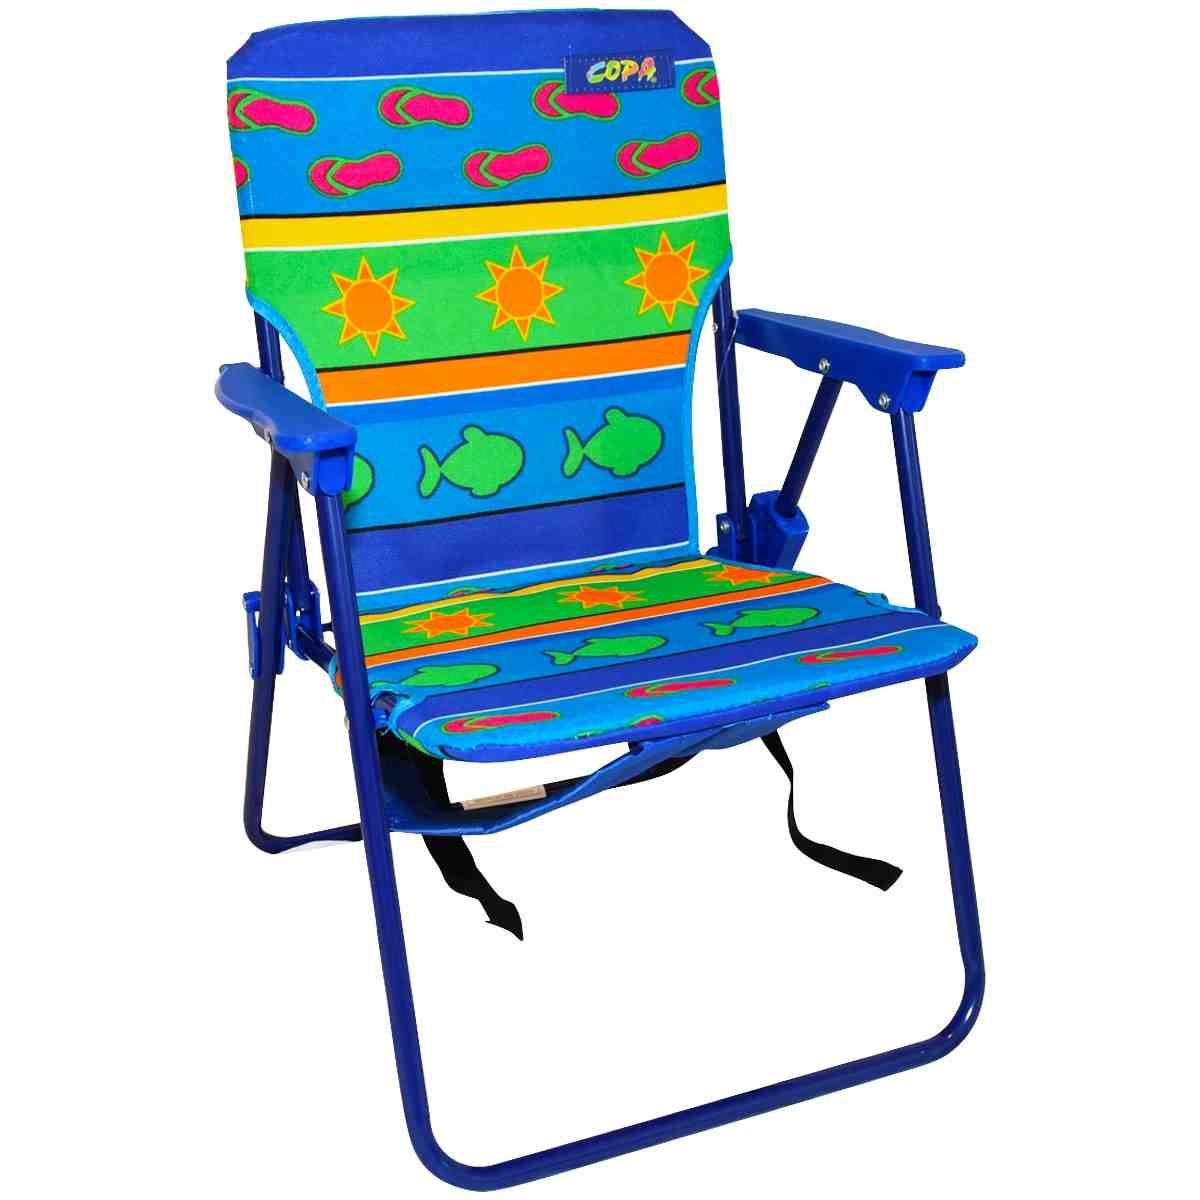 Kids Backpack Beach Chair Kids Beach Chair Backpack Beach Chair Folding Beach Chair